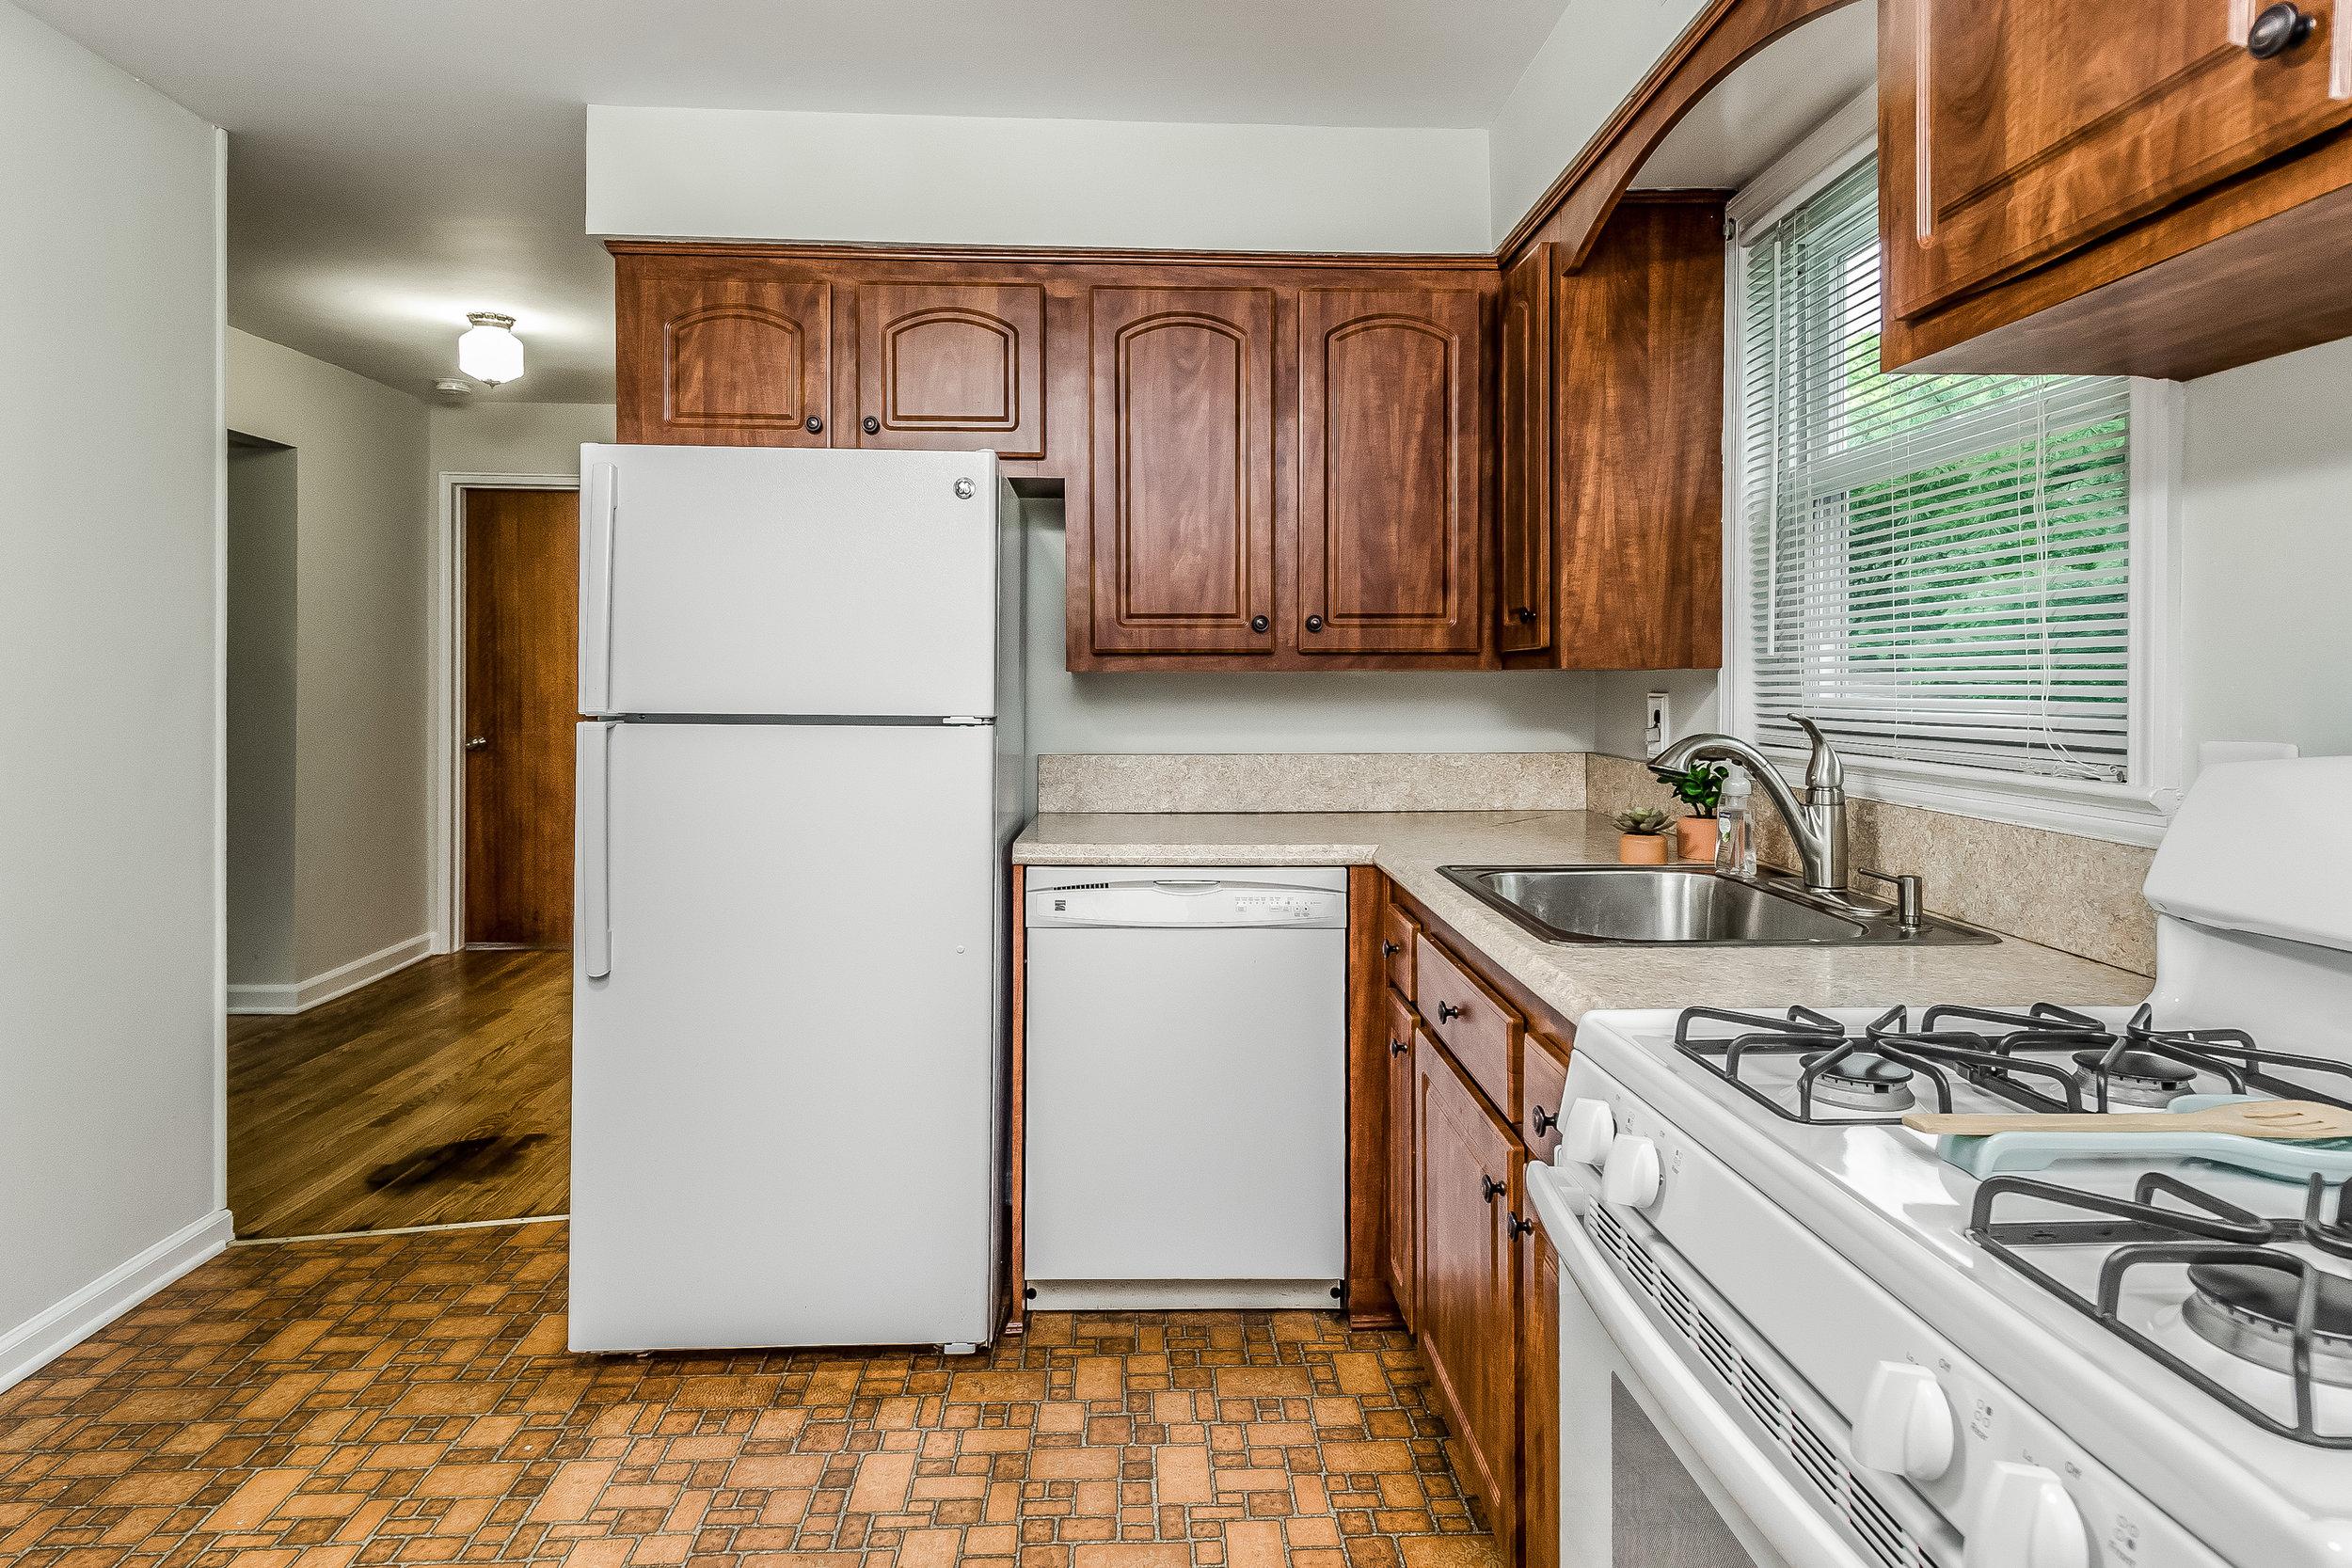 015-photo-kitchendining-room-5786538.jpg